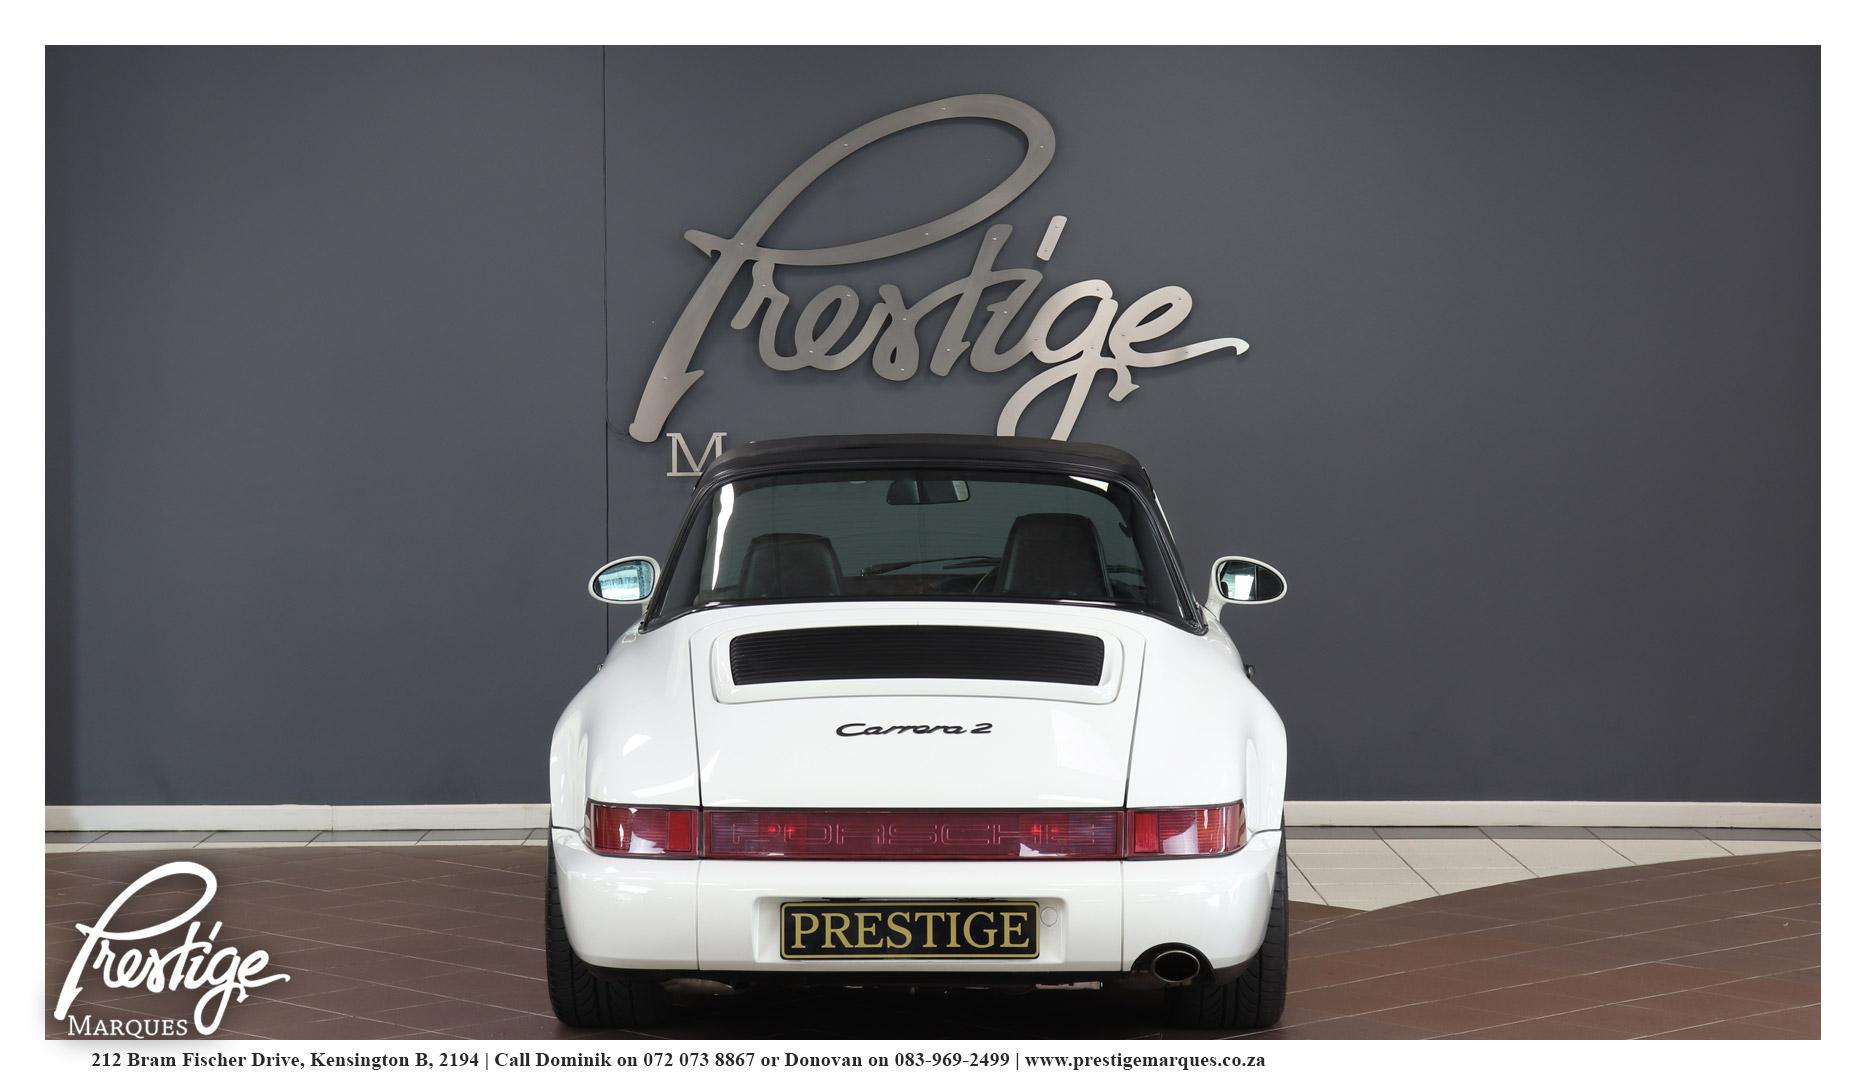 Prestige-Marques-1990-Porsche-964-Carrera 2-Manual-4